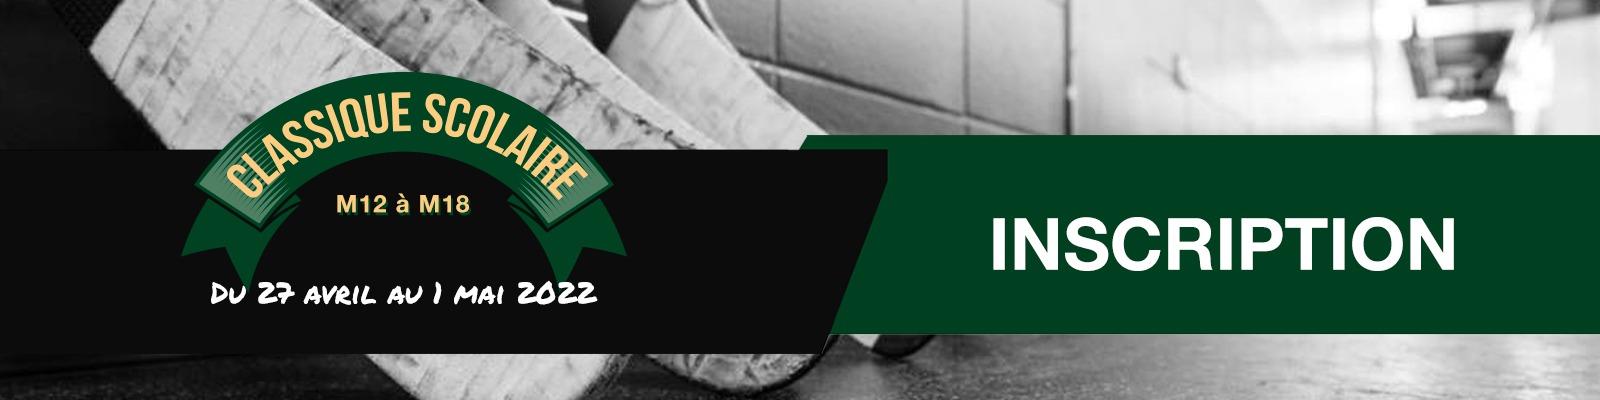 Classique hockey scolaire du Québec édition 2021-2022